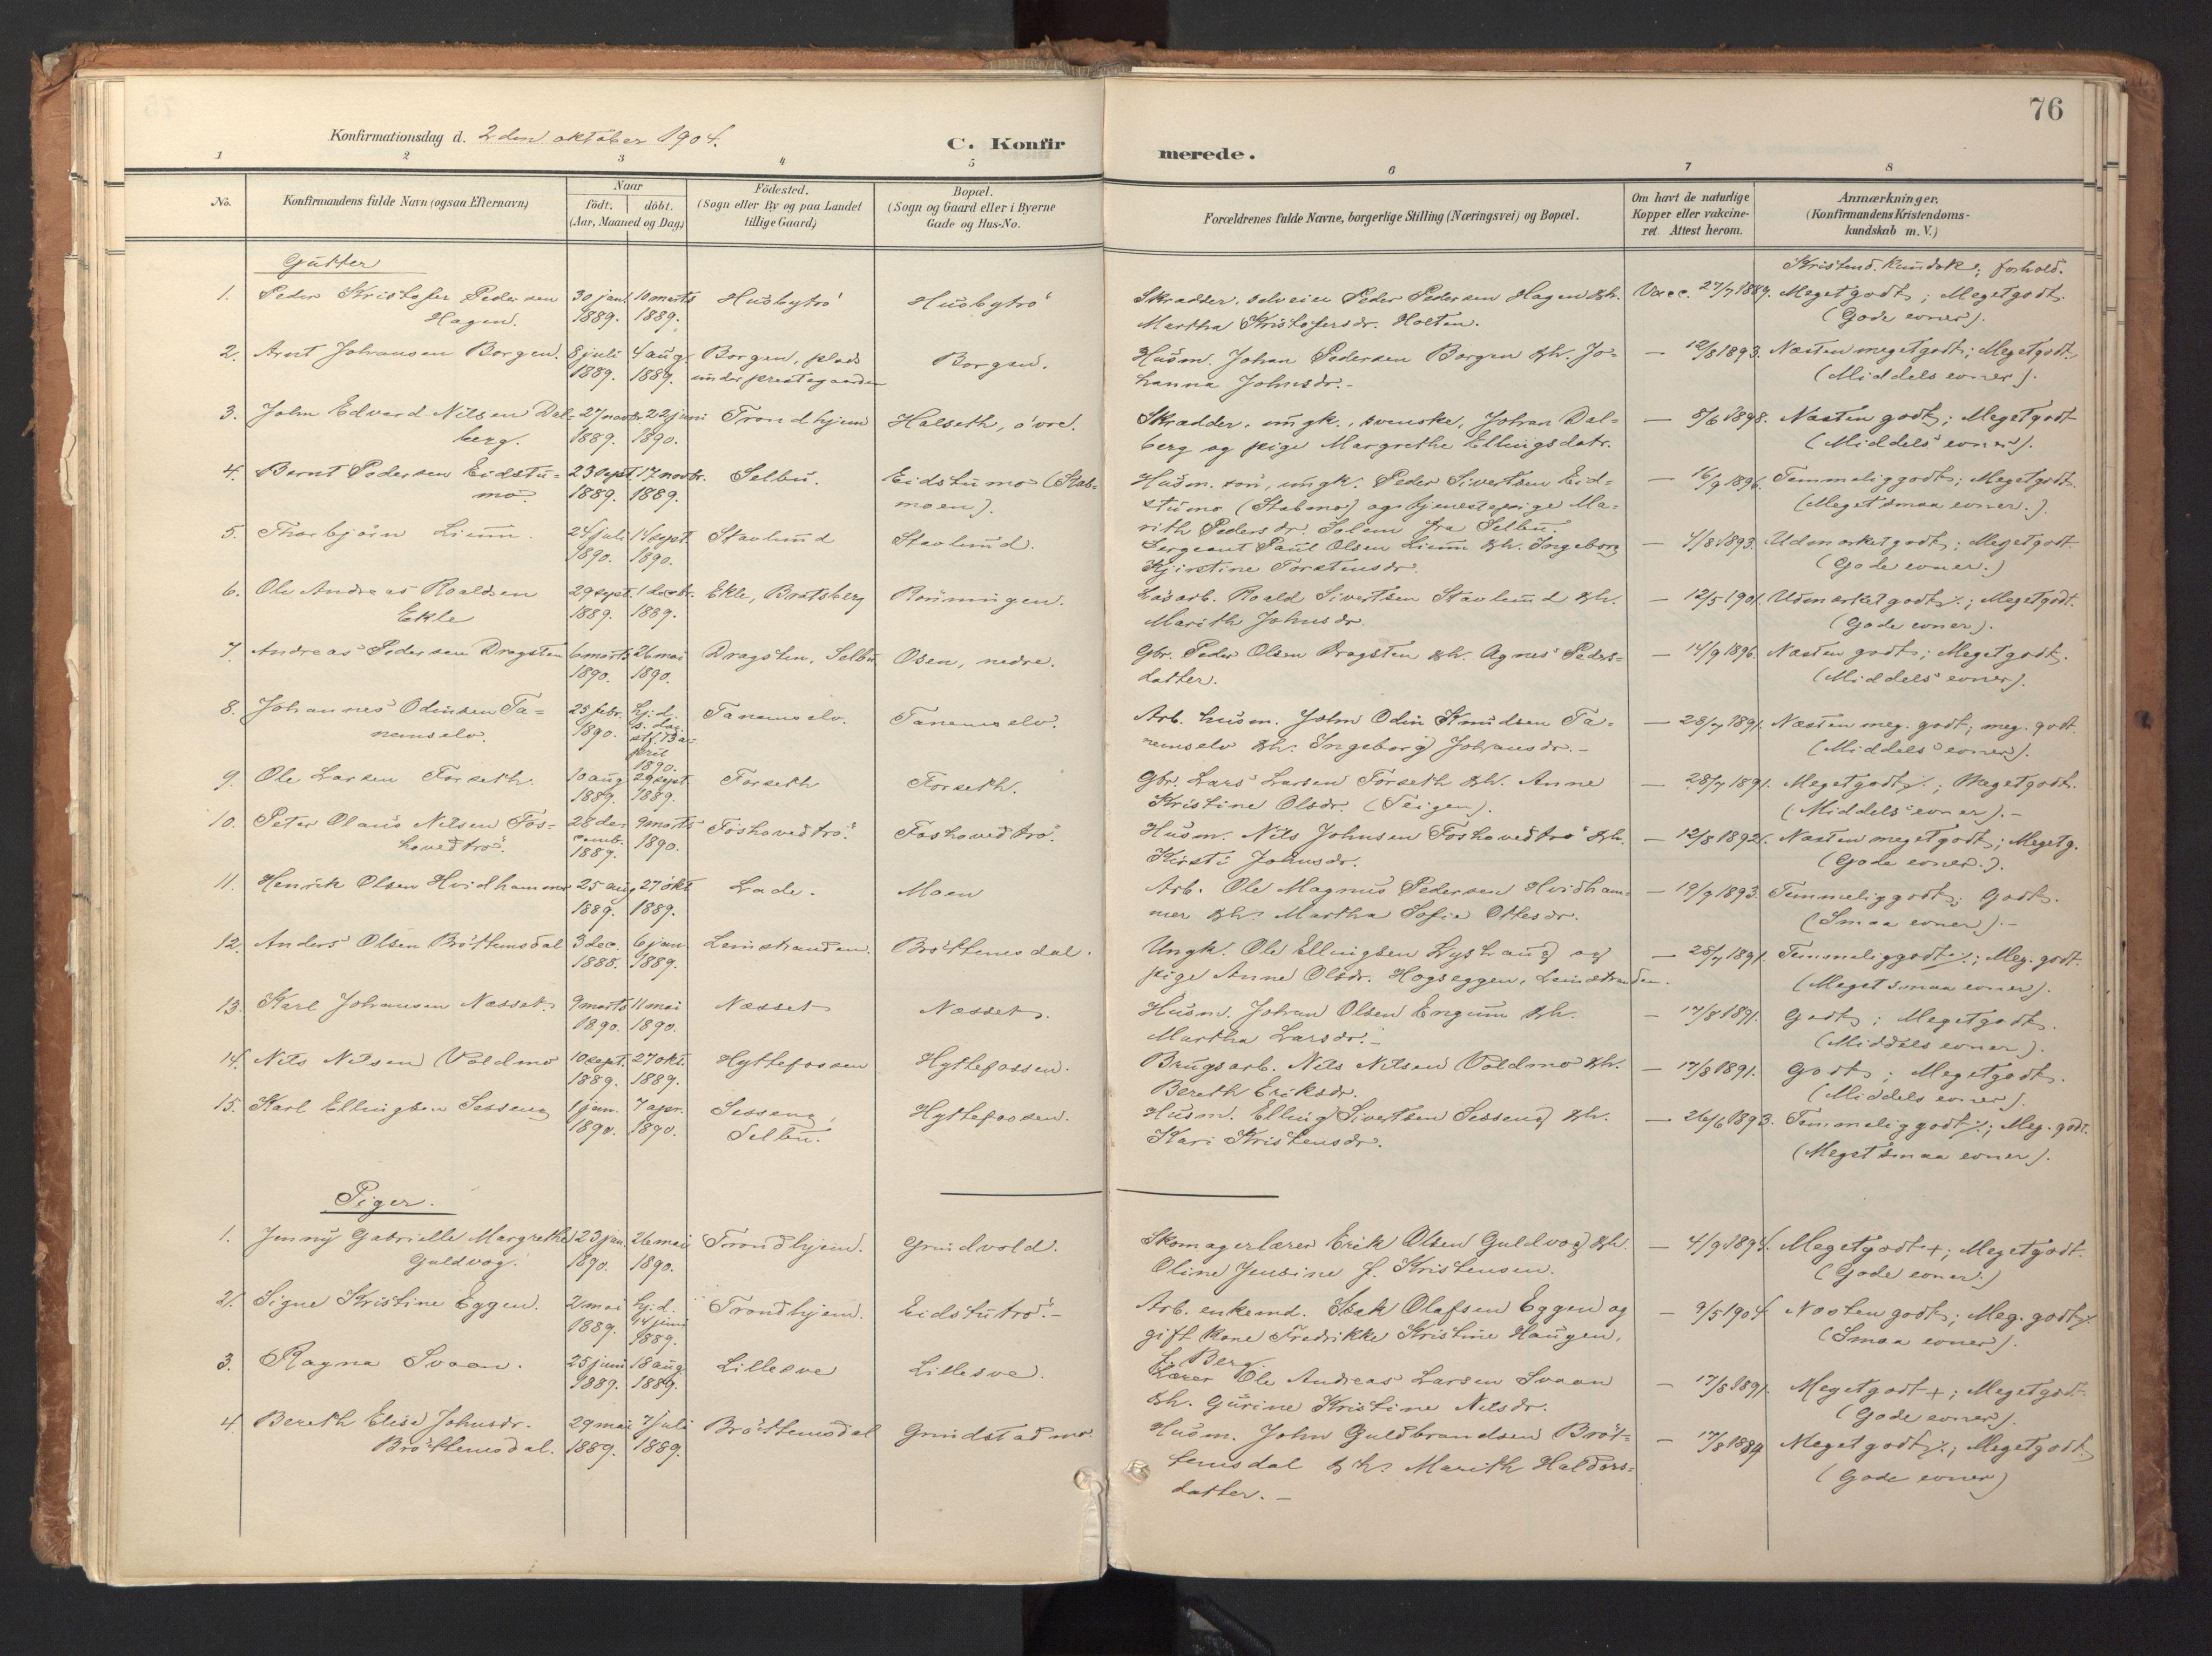 SAT, Ministerialprotokoller, klokkerbøker og fødselsregistre - Sør-Trøndelag, 618/L0448: Ministerialbok nr. 618A11, 1898-1916, s. 76